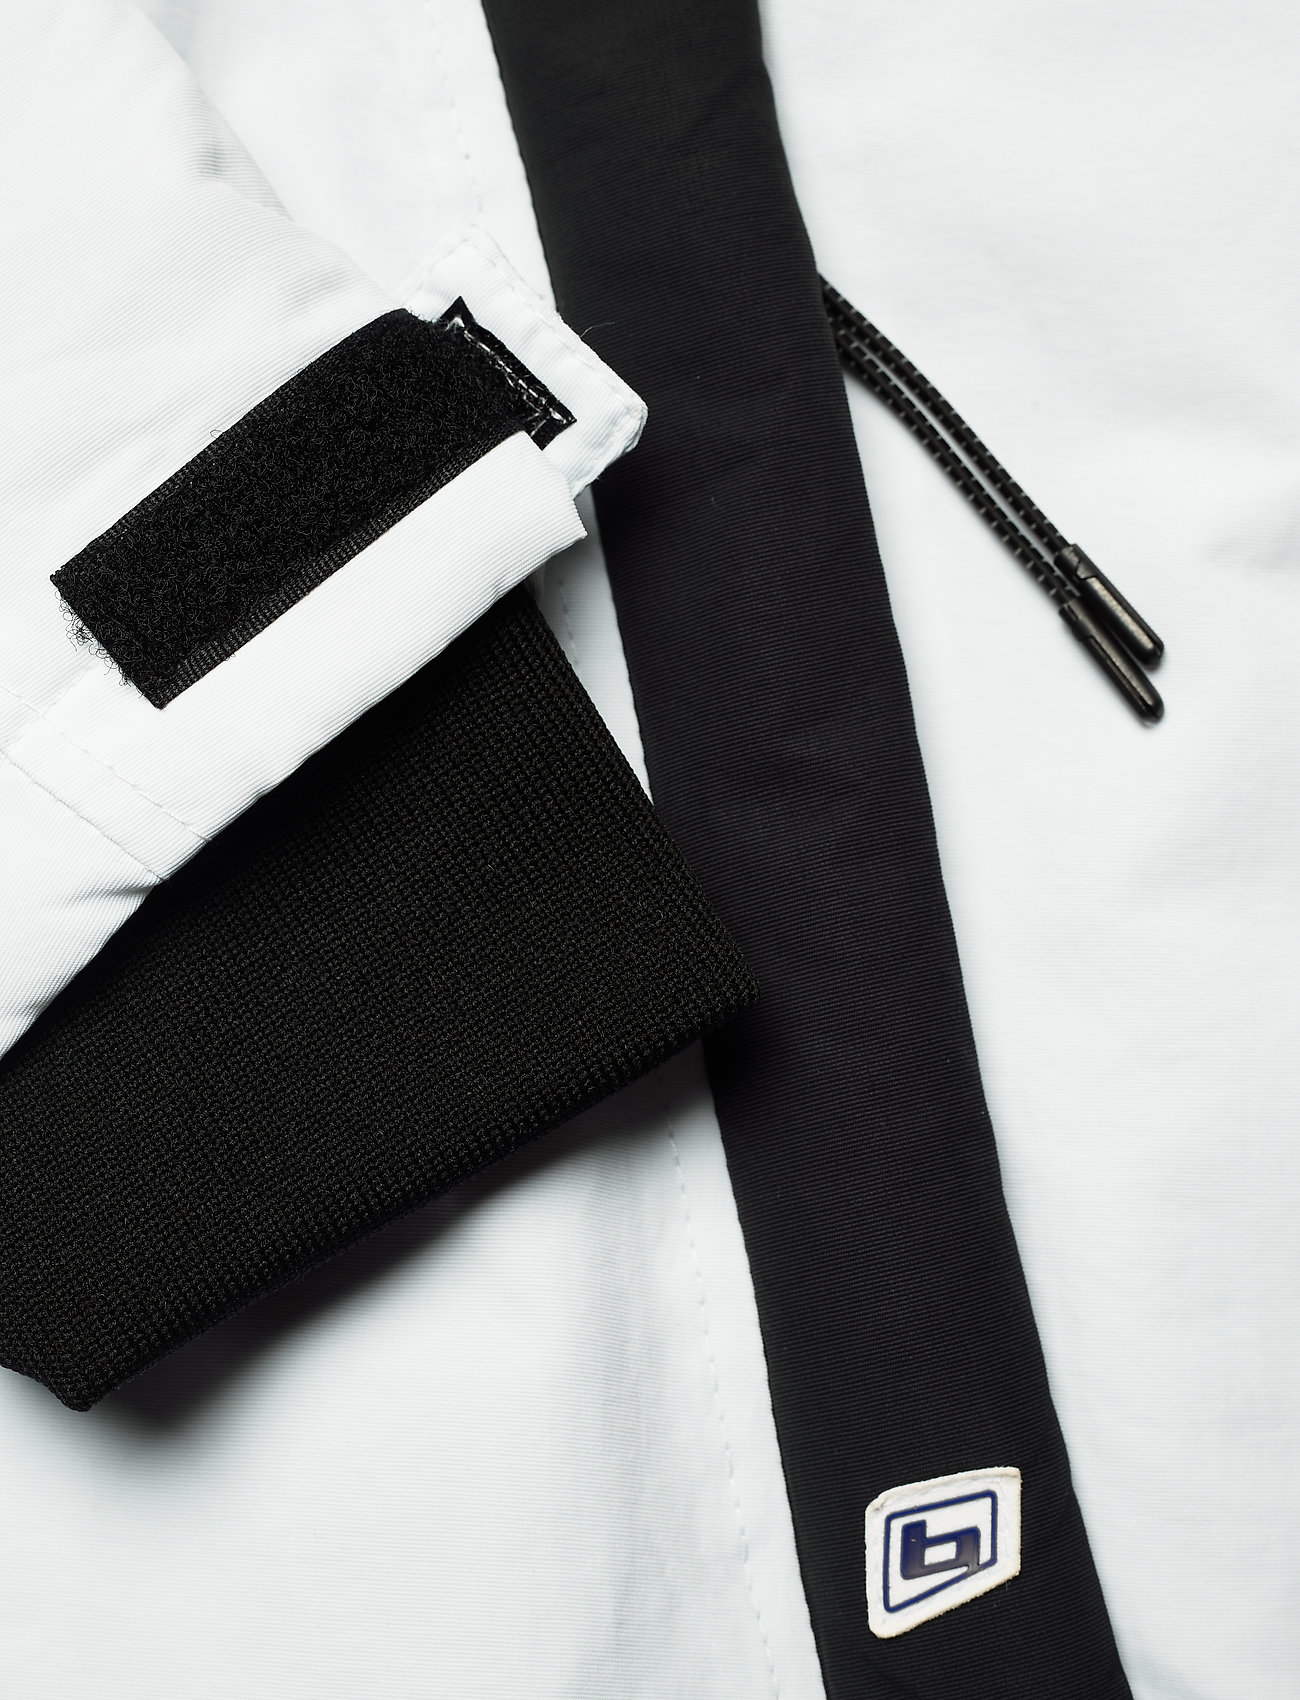 Blend Outerwear - Jakker og frakker BRIGHT WHITE - Menn Klær